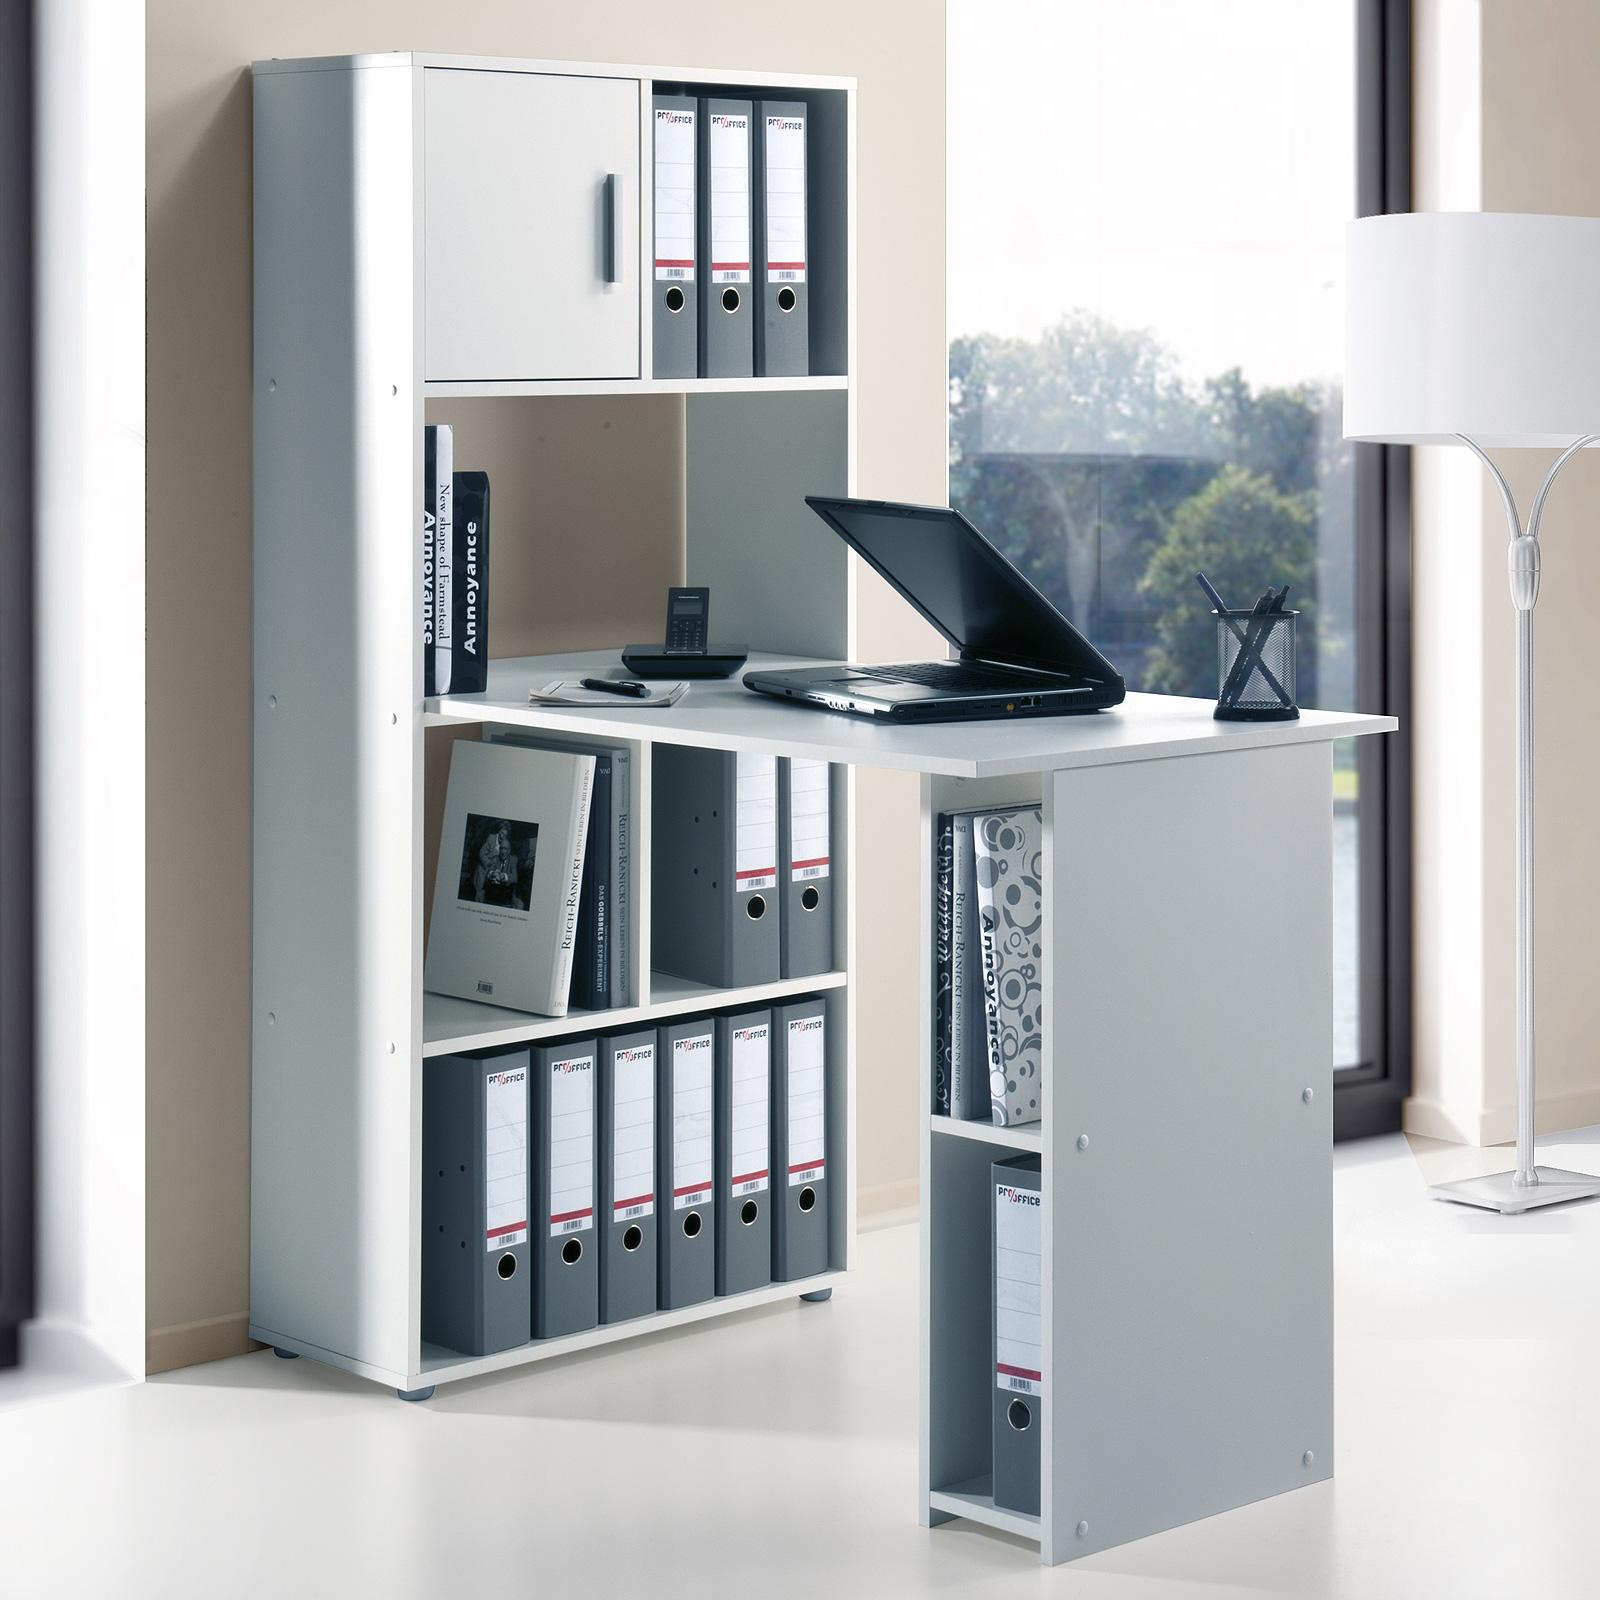 regal maja 4012 aktenregal mit pc arbeitsplatz schreibtisch farbauswahl ebay. Black Bedroom Furniture Sets. Home Design Ideas